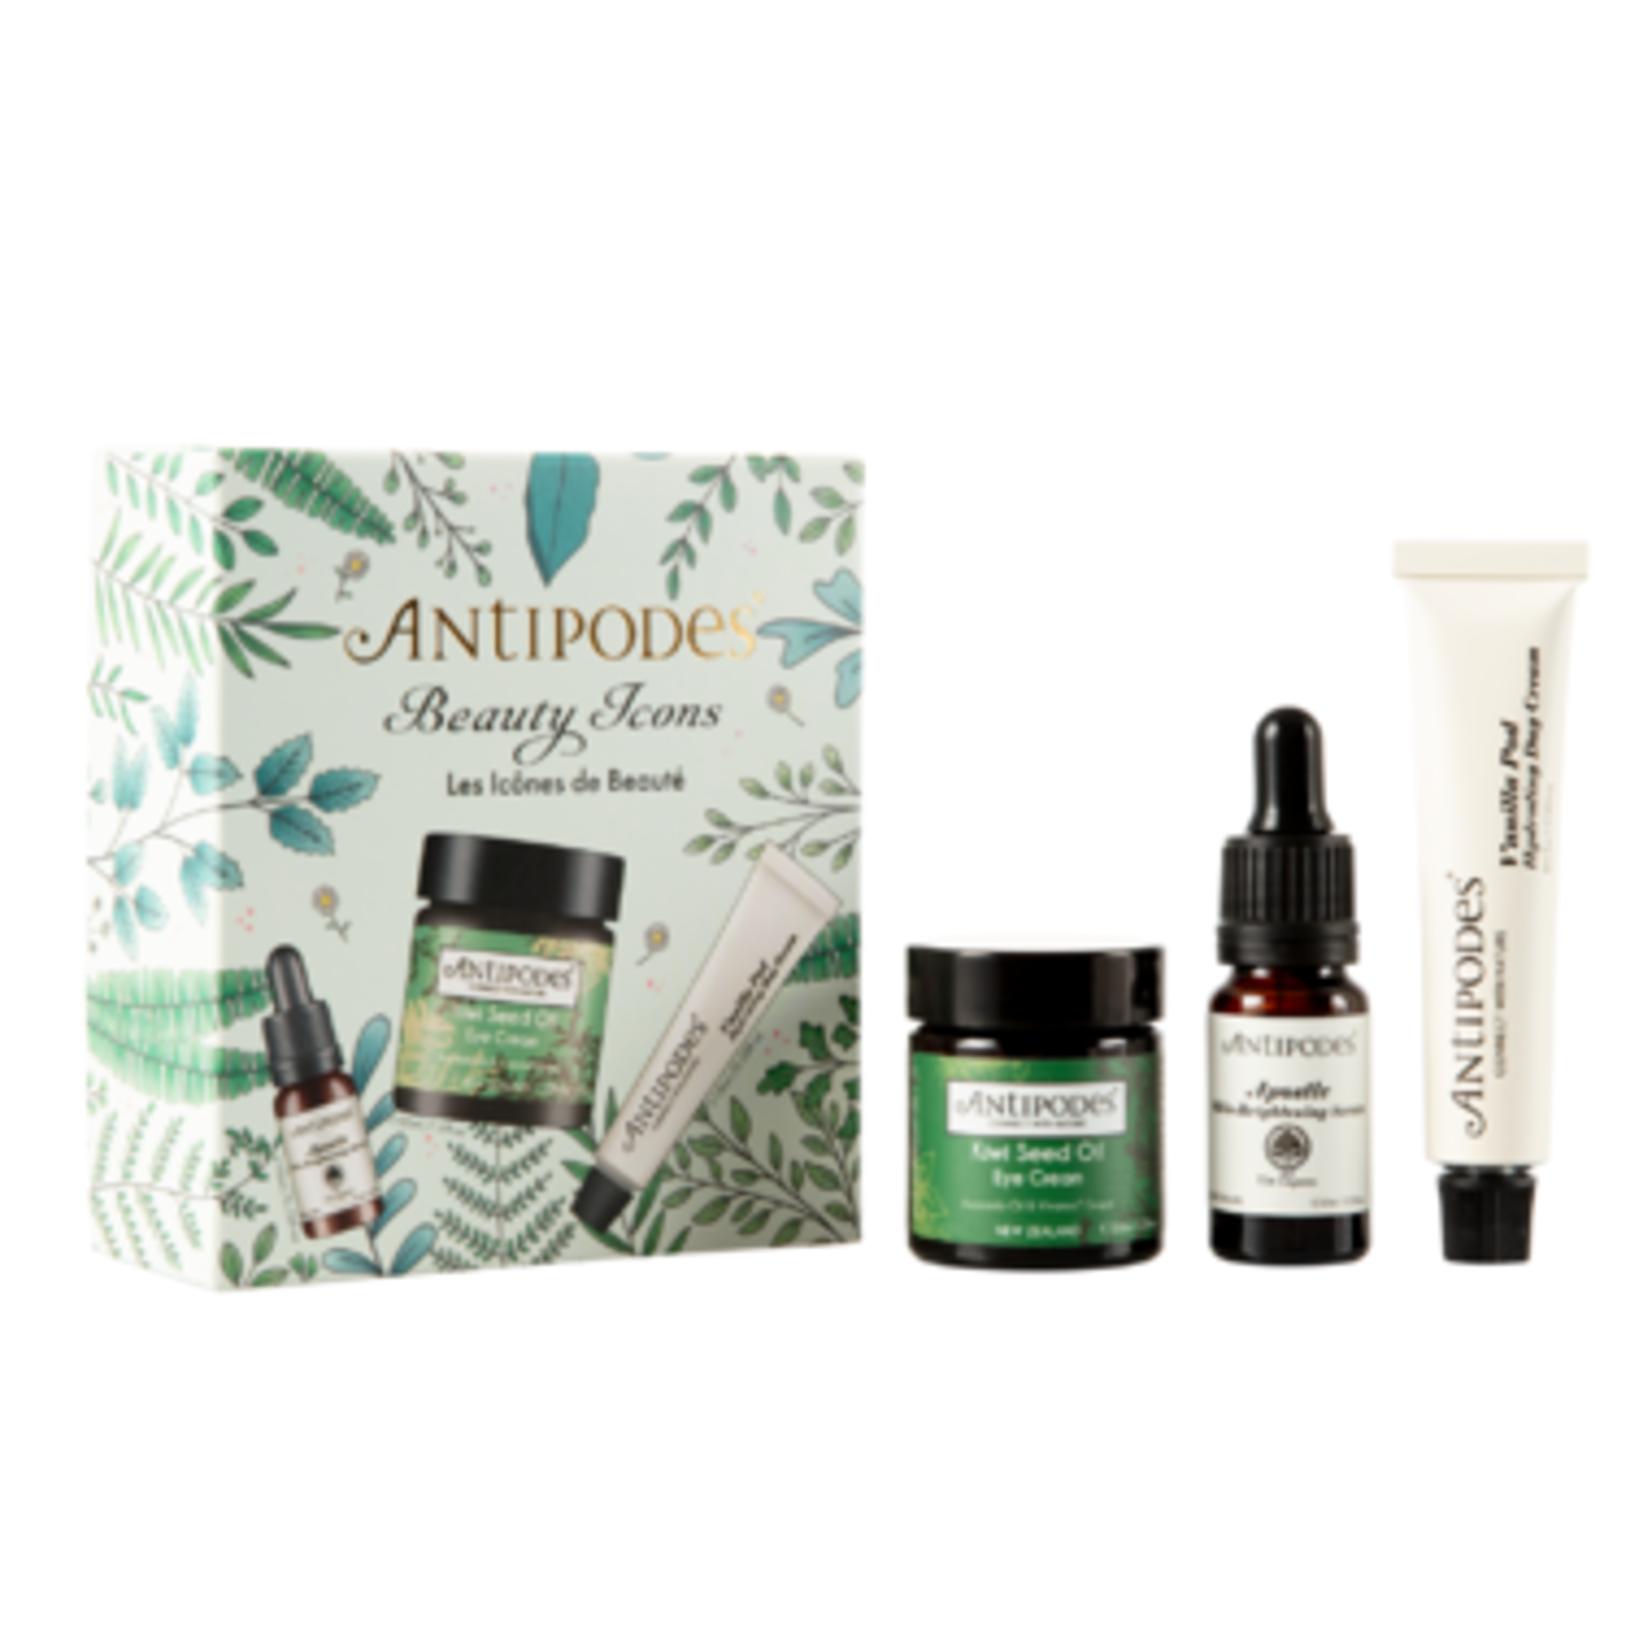 Antipodes Antipodes Beauty Icons  Kit